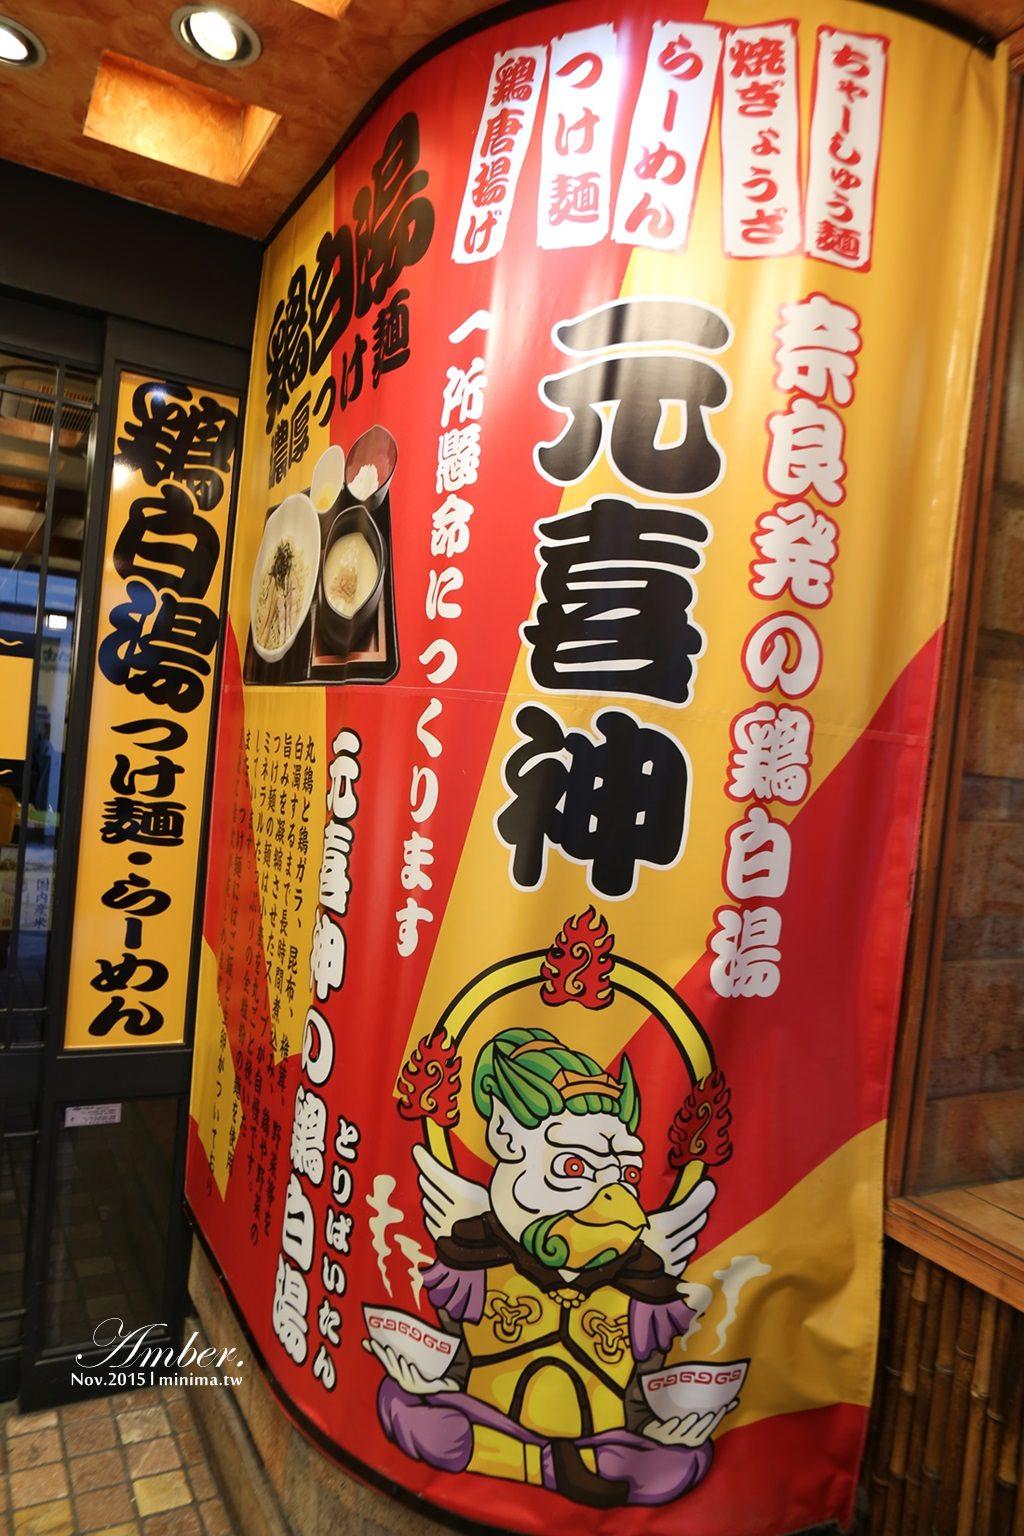 關西自由行,奈良美食,拉麵,日本美食,元喜神,雞白湯拉麵,雜煮,煎餃,奈良必吃,103